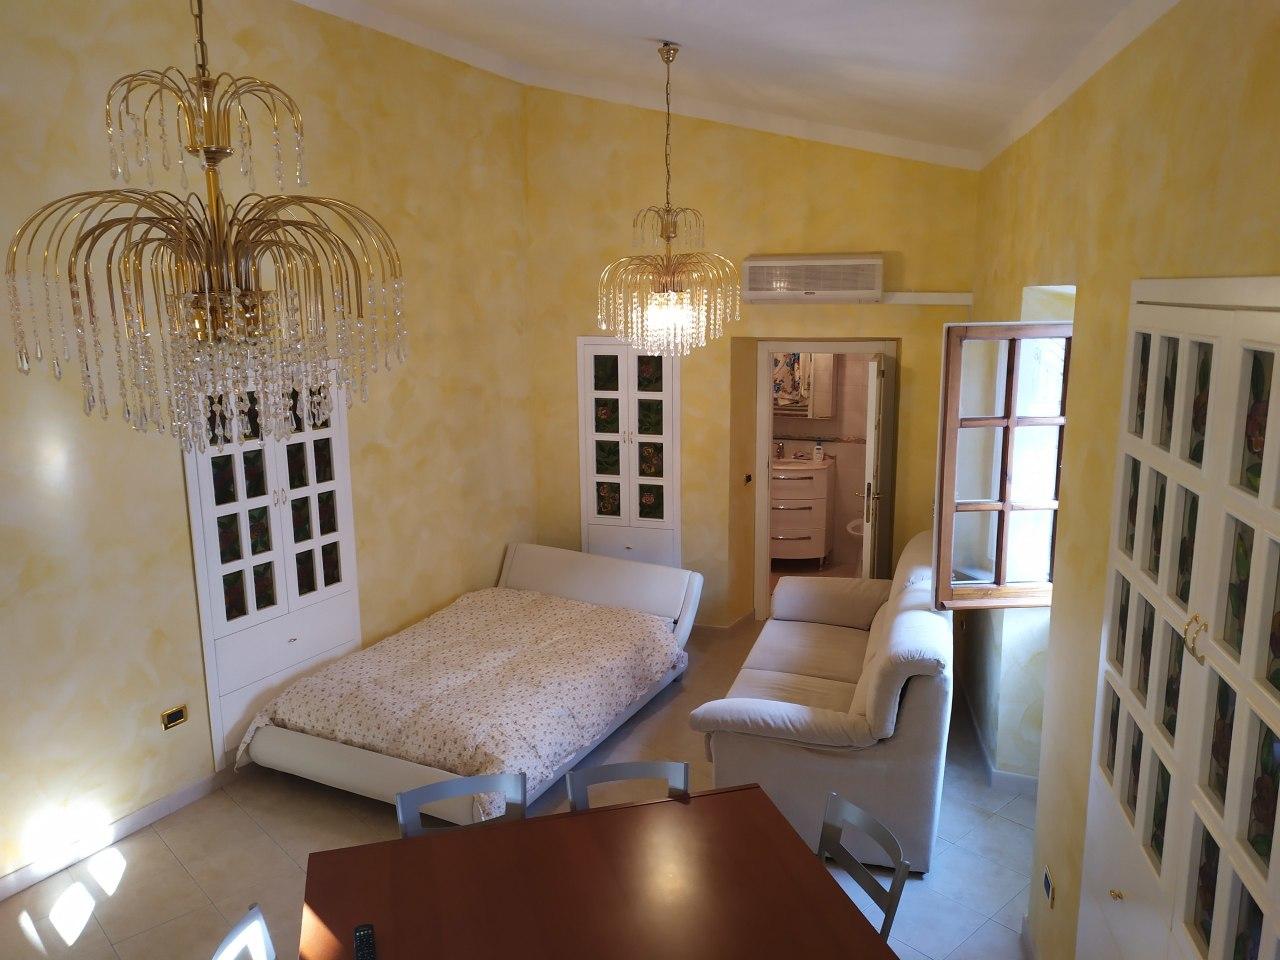 Soluzione Indipendente in vendita a Manoppello, 3 locali, prezzo € 45.000 | PortaleAgenzieImmobiliari.it